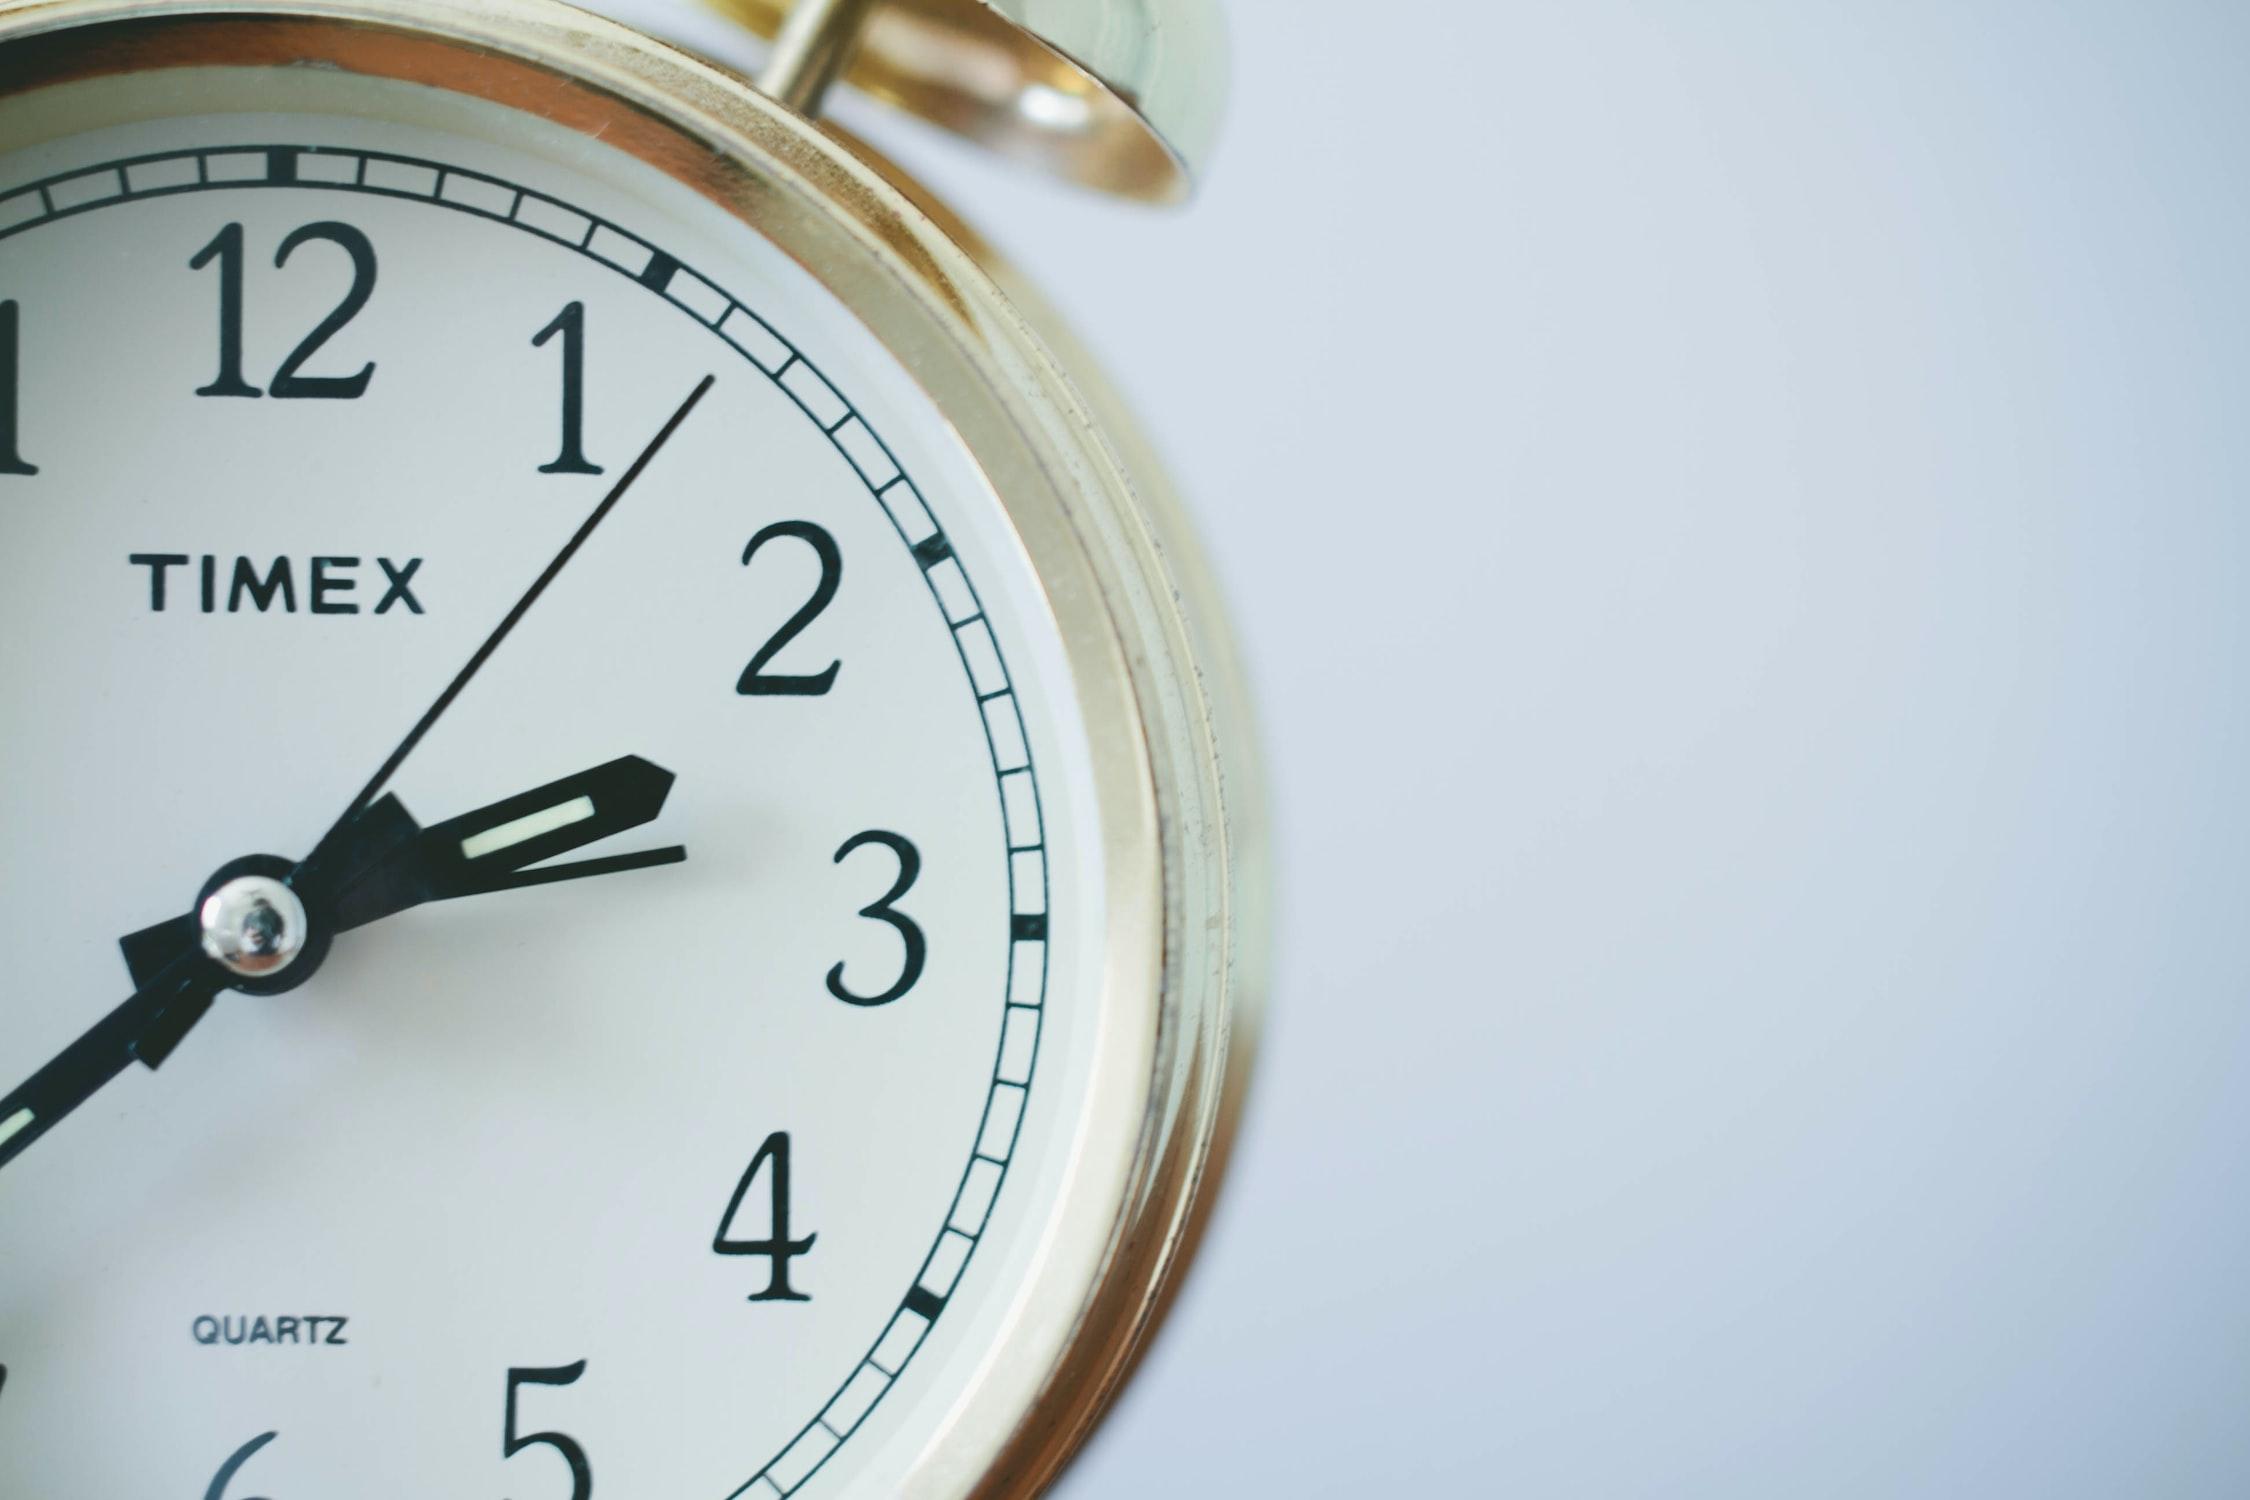 共通テスト英語の対策は解く順番・時間配分に慣れておくこと